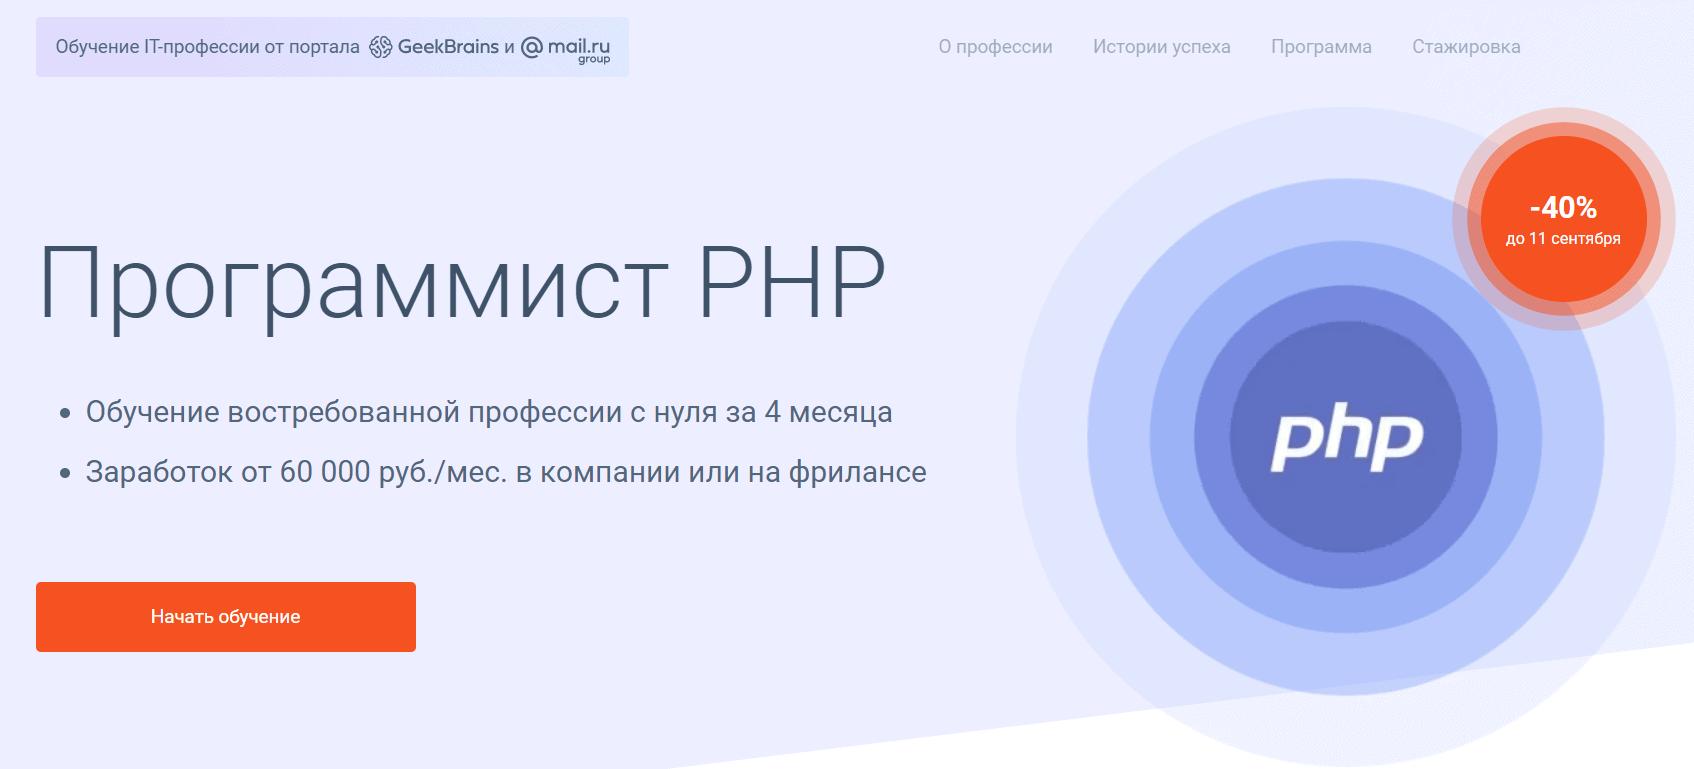 Программист ПХП от ГикБрейнс